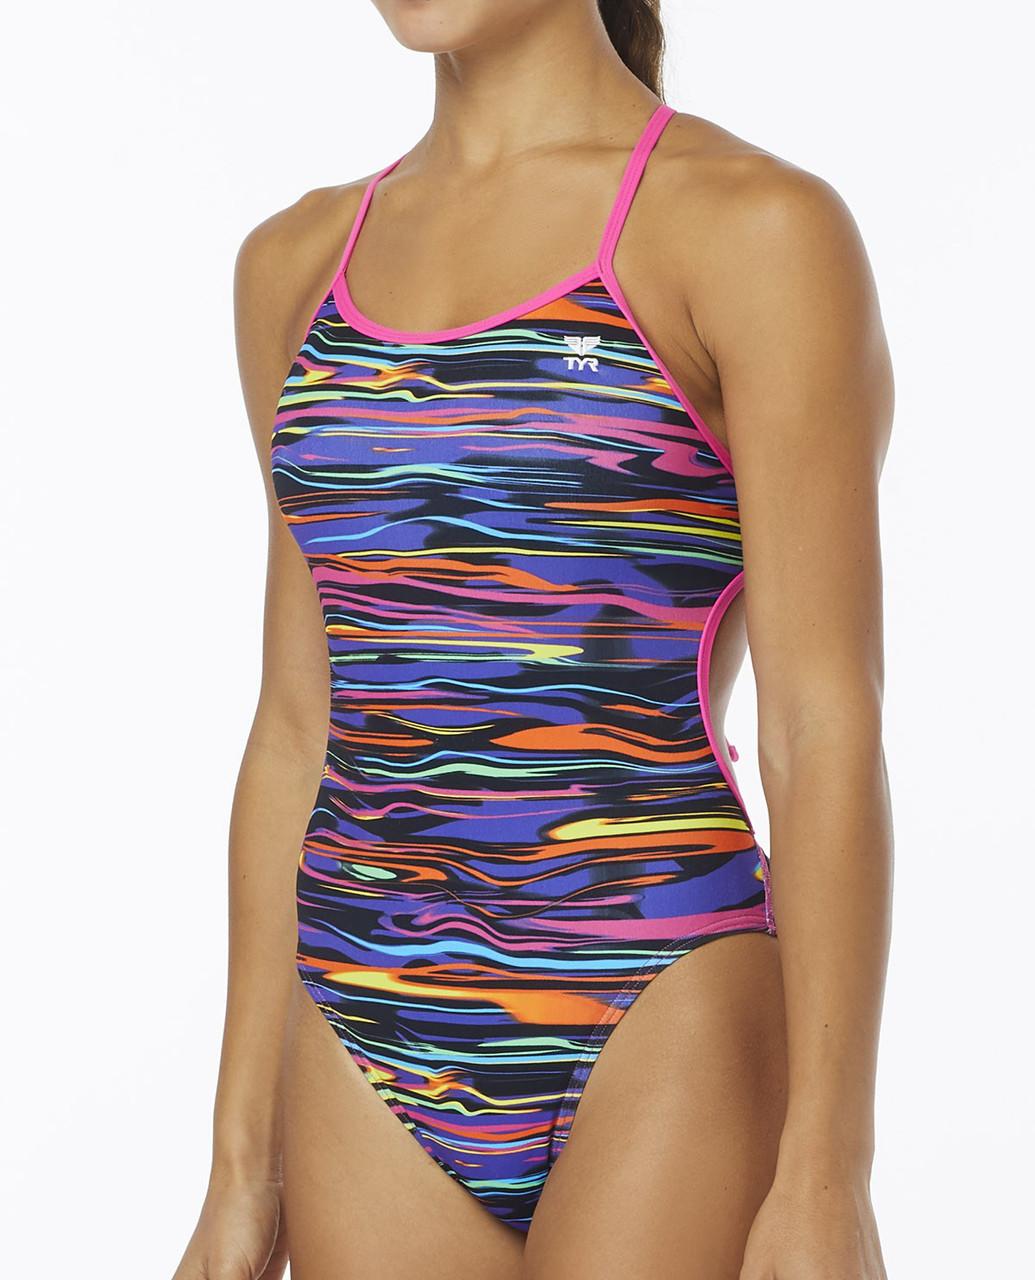 Купальник TYR Fresno Crosscutfit Tieback Swimsuit 185